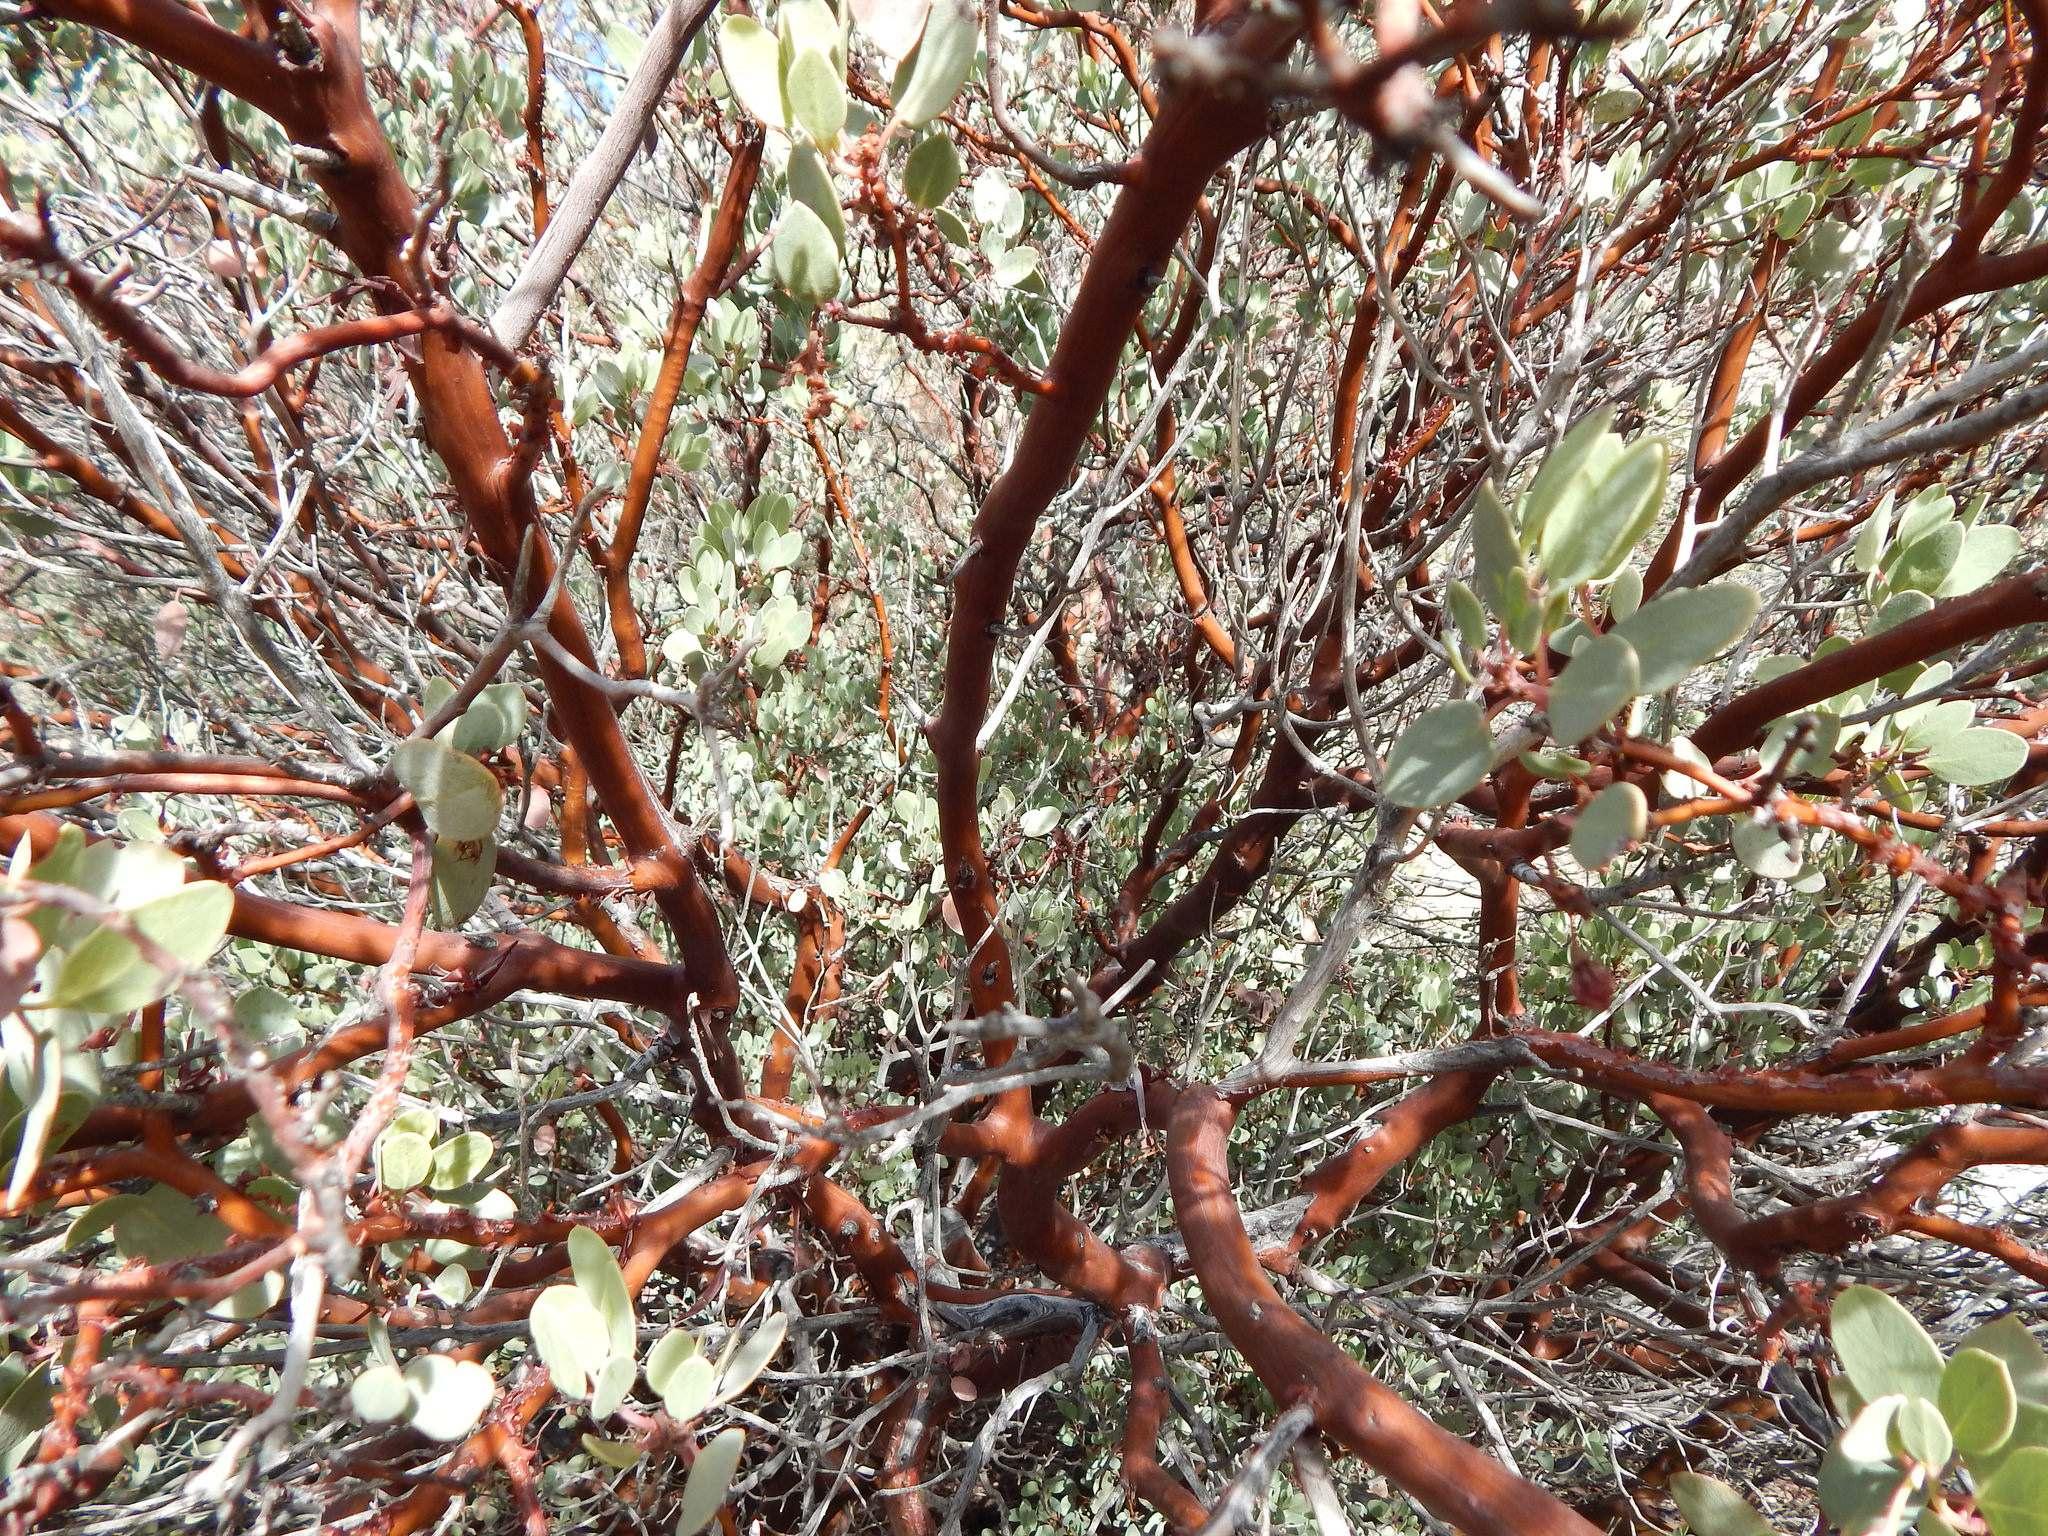 joshua tree national park8 Joshua Tree National Park Photos